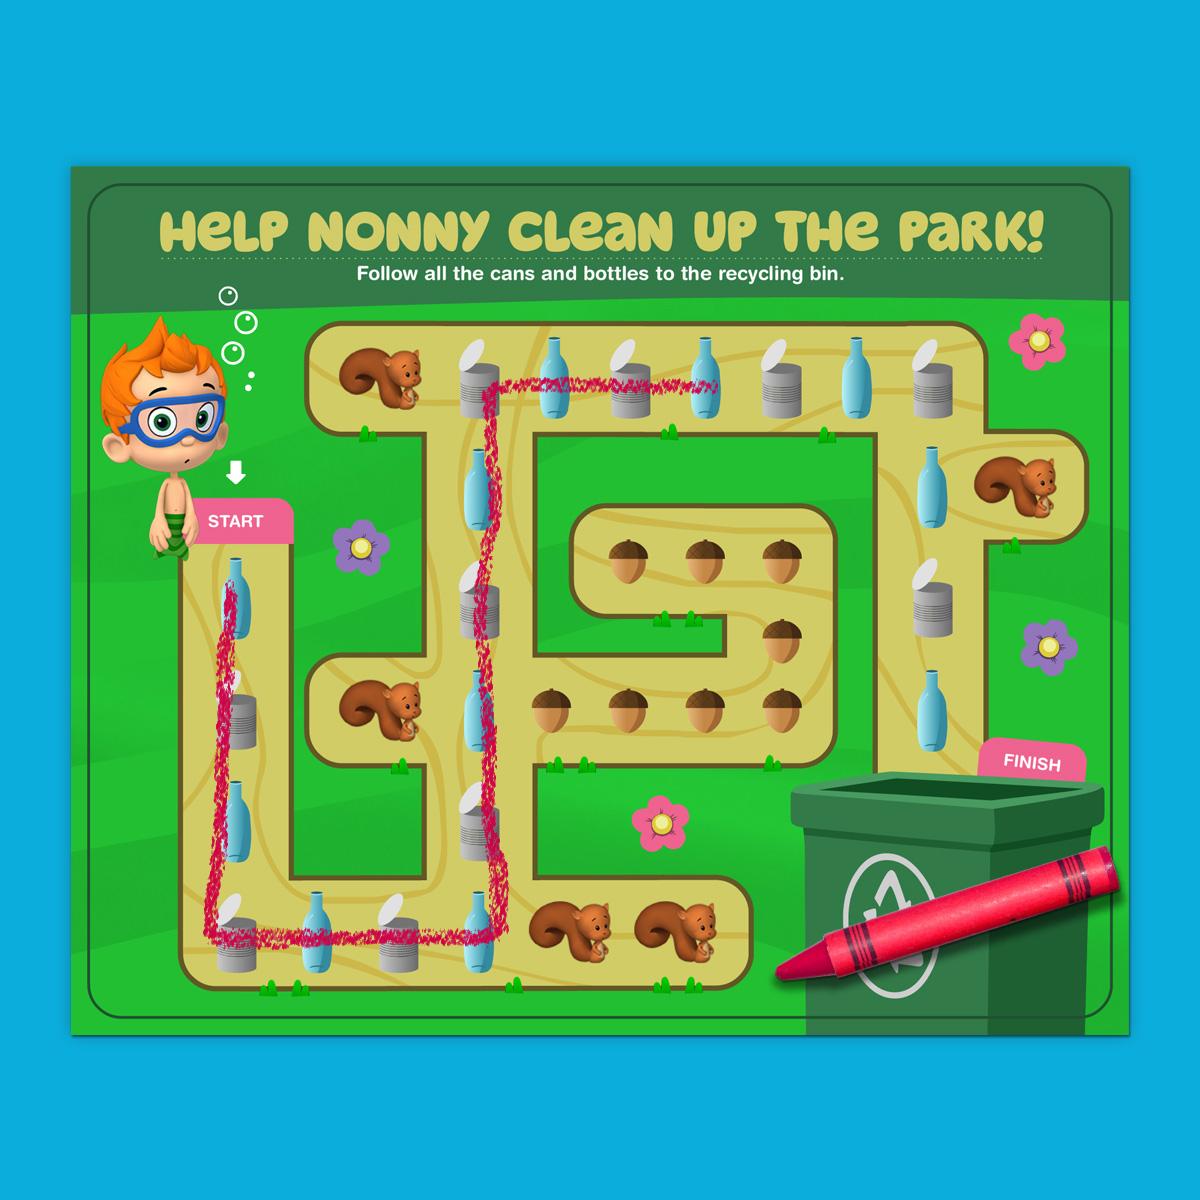 Nonny's Park Clean-up Maze